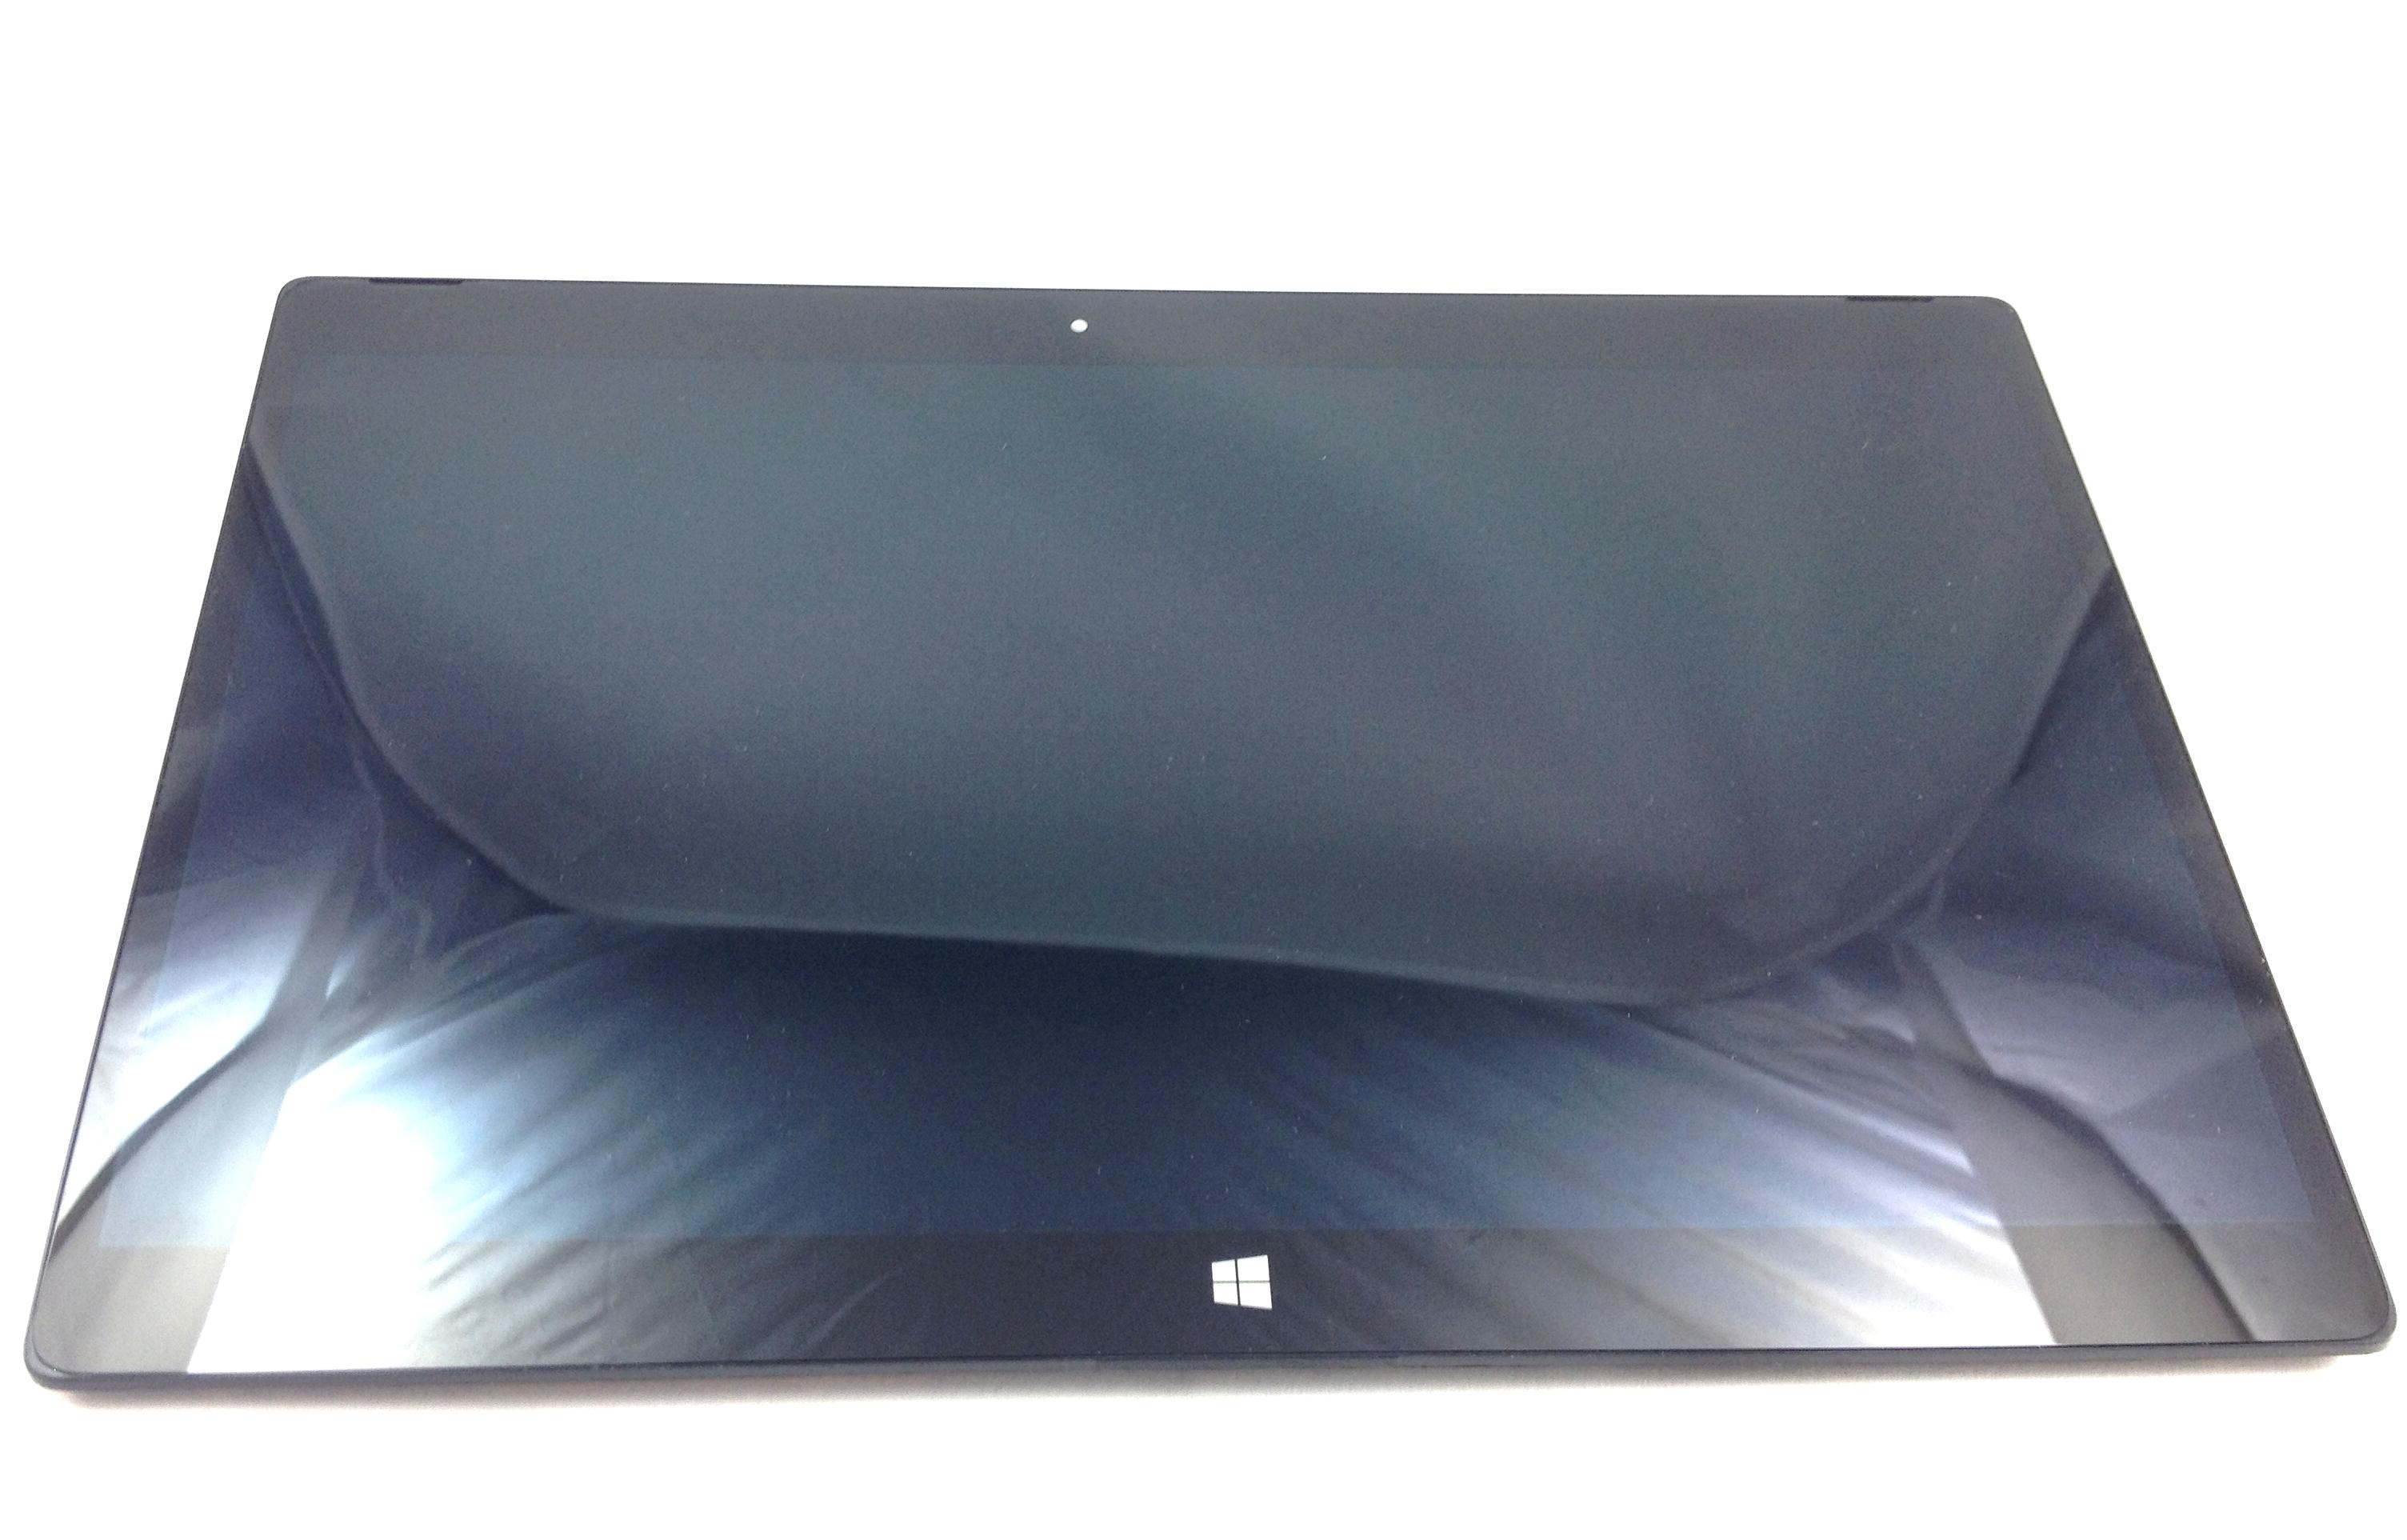 Dell Latitude 12 7275 XPS 12 9250 12.5Ã?â??Ã?â??¬Ã?³ Uhd Tablet Touchscreen Led LCD Screen (8X4R3)